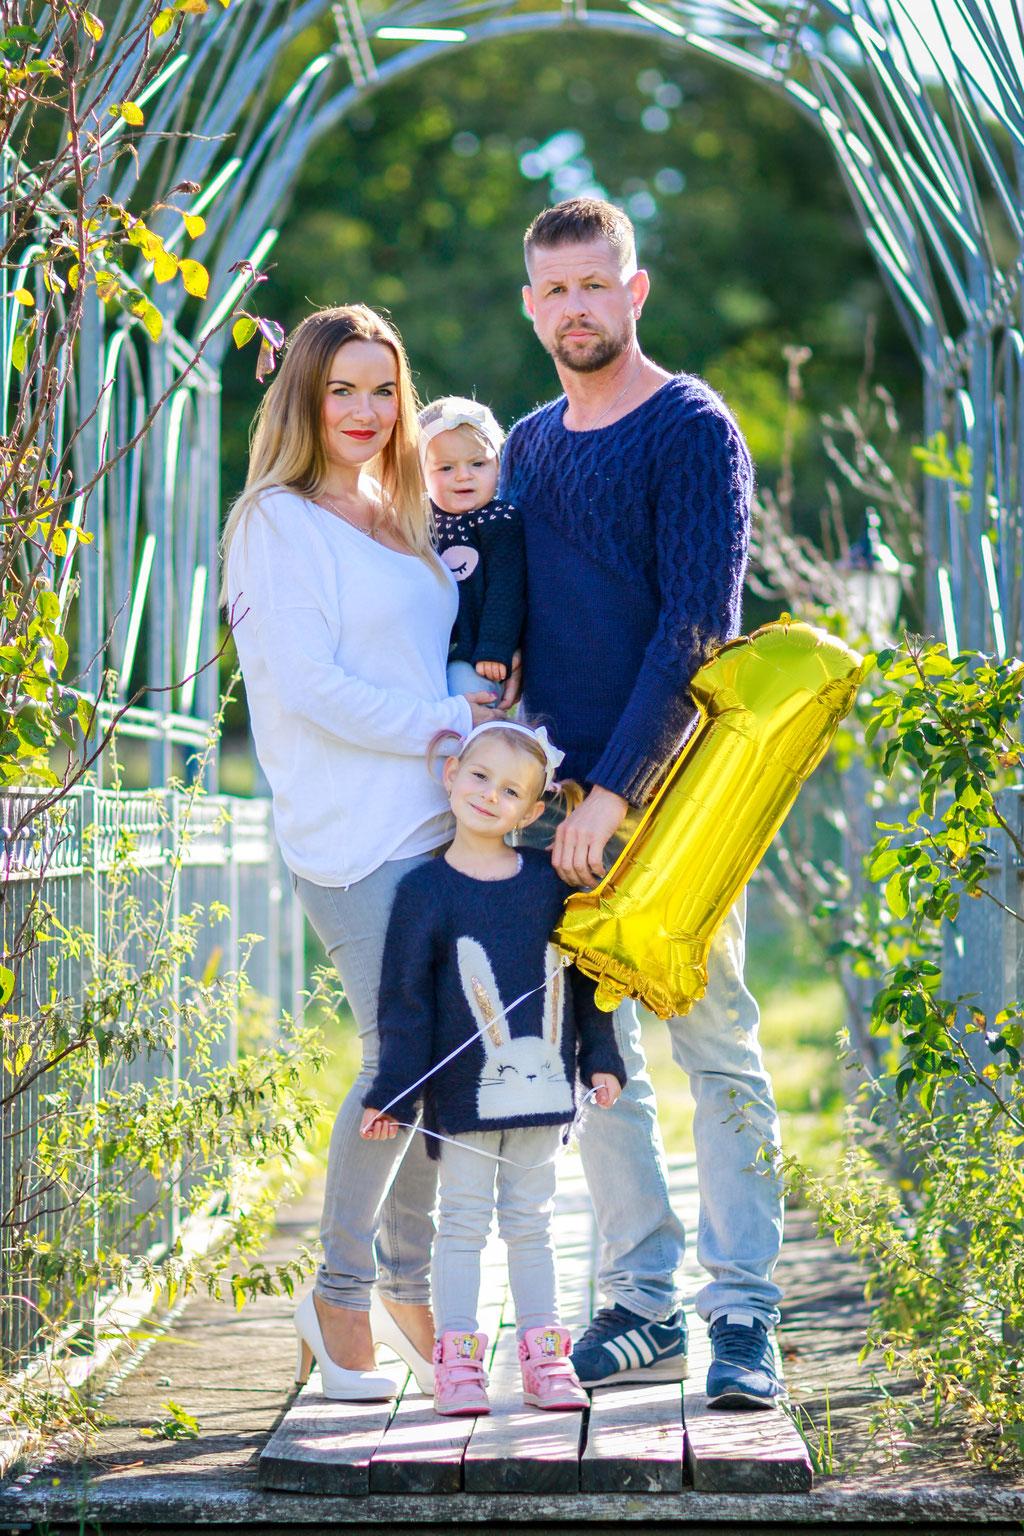 Familien| Hendrikje Richert Fotografie| Kinder, Geschwister, outdoor, erster Hochzeitstag